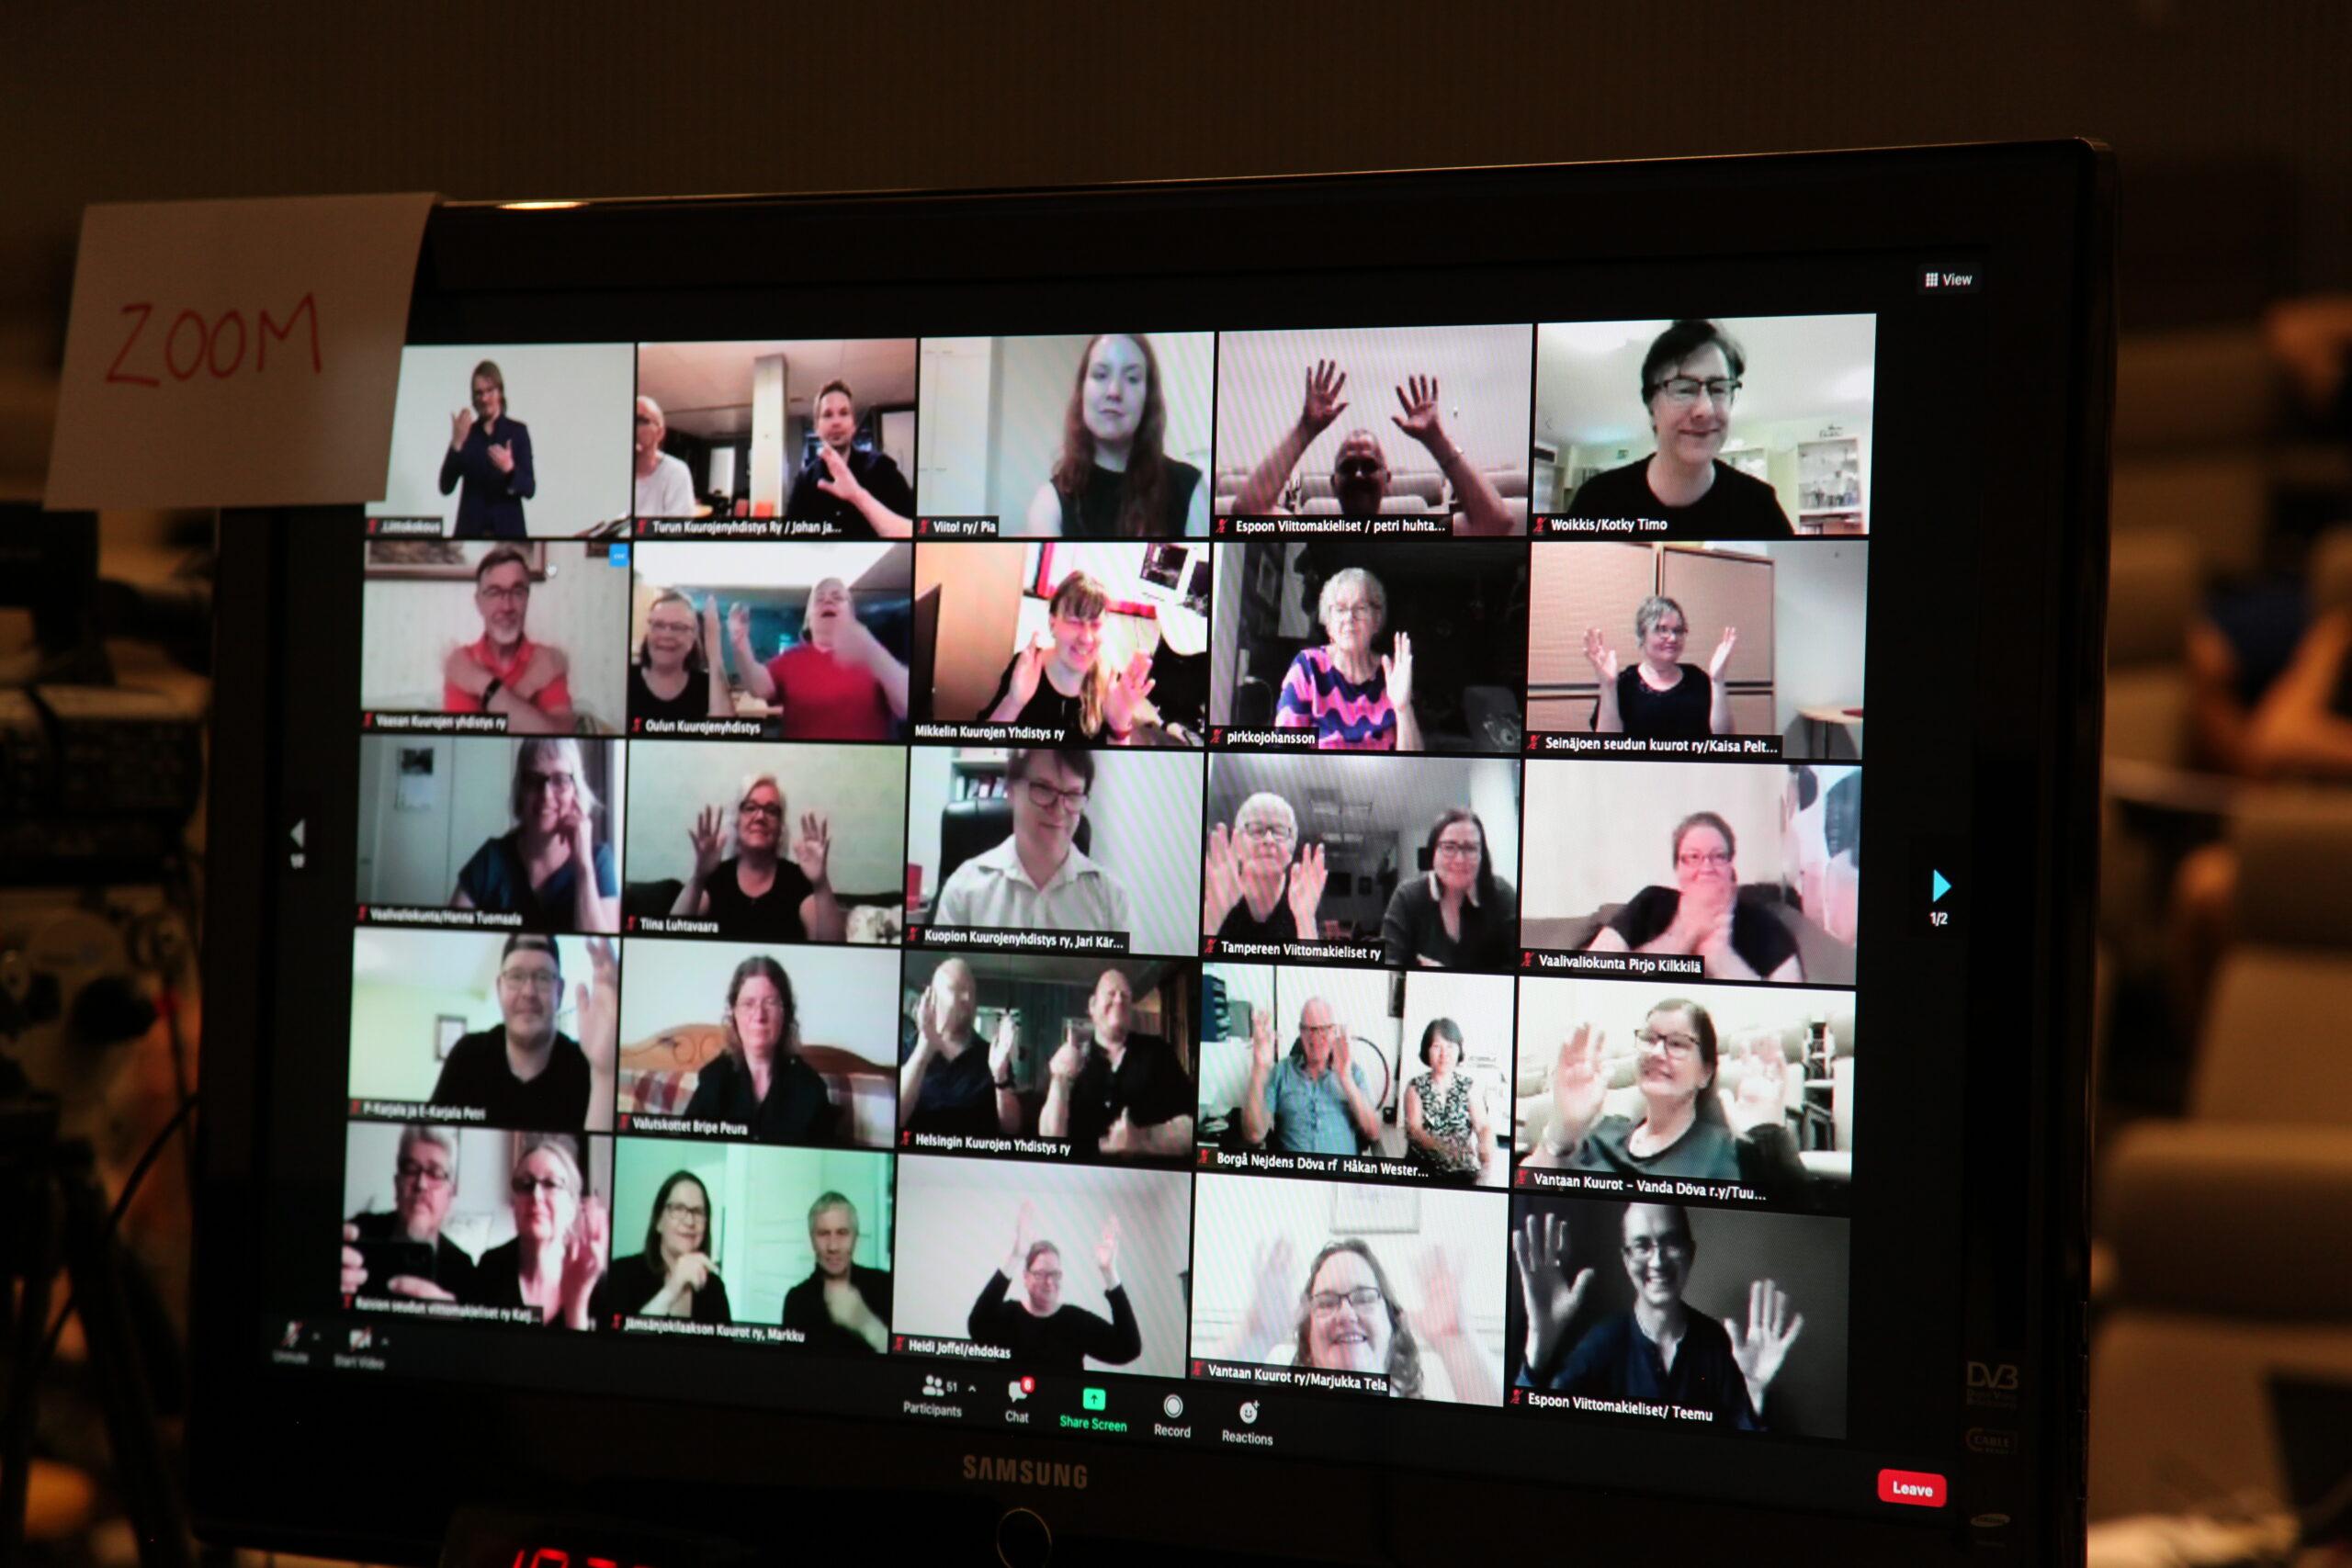 Kuva Zoom-kokouksesta, jossa näytön ruuduissa näkyy edustajia vilkuttamassa.